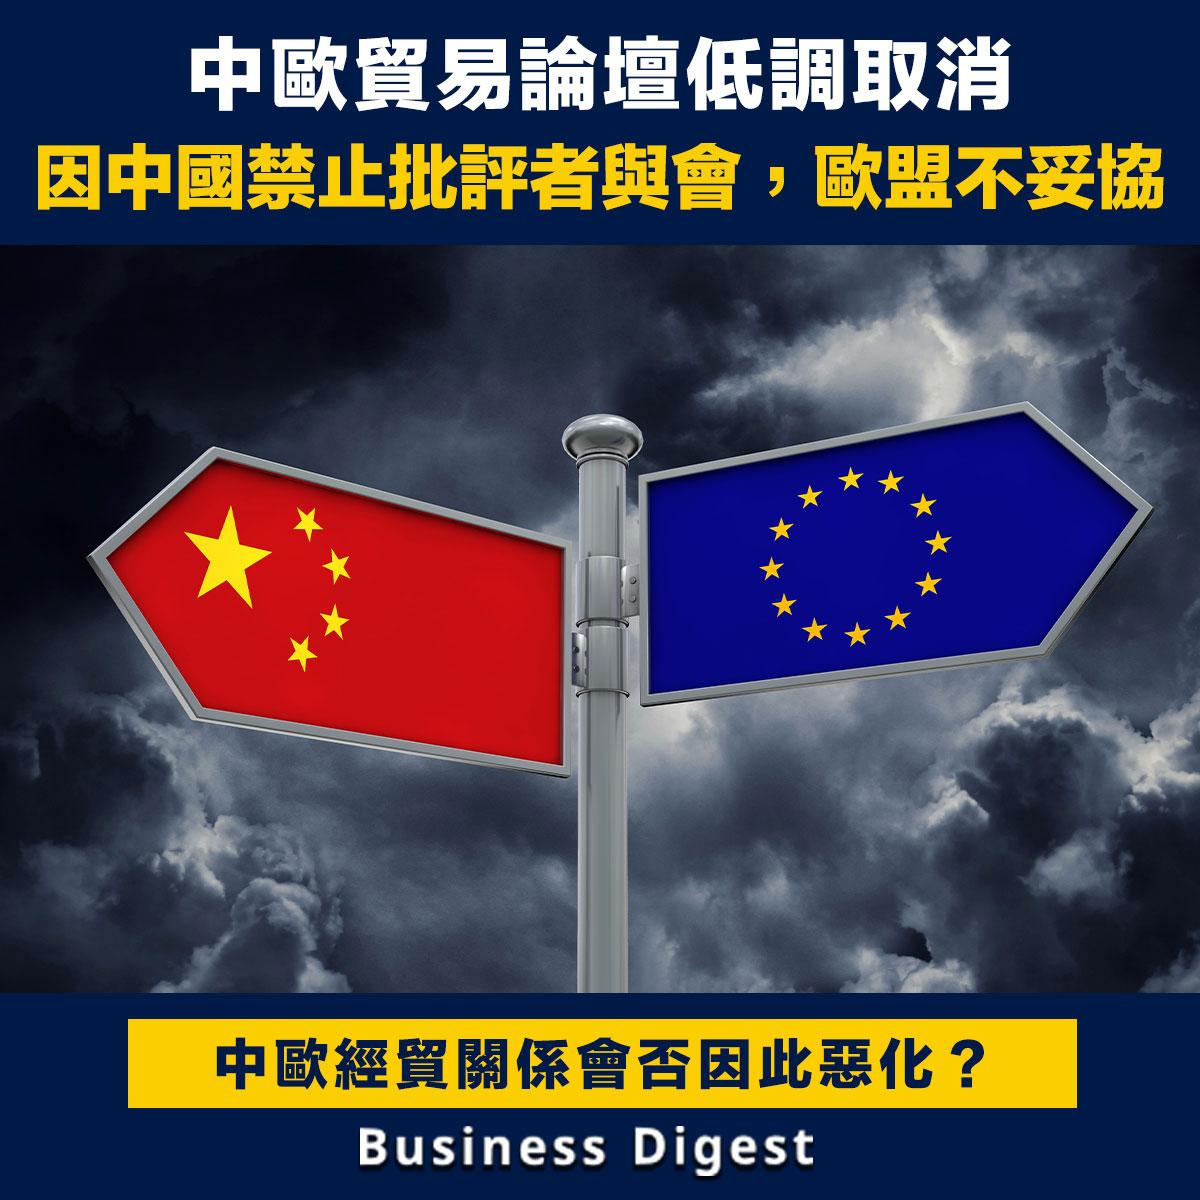 中歐貿易論壇低調取消,因中國禁止批評者與會,歐盟不妥協